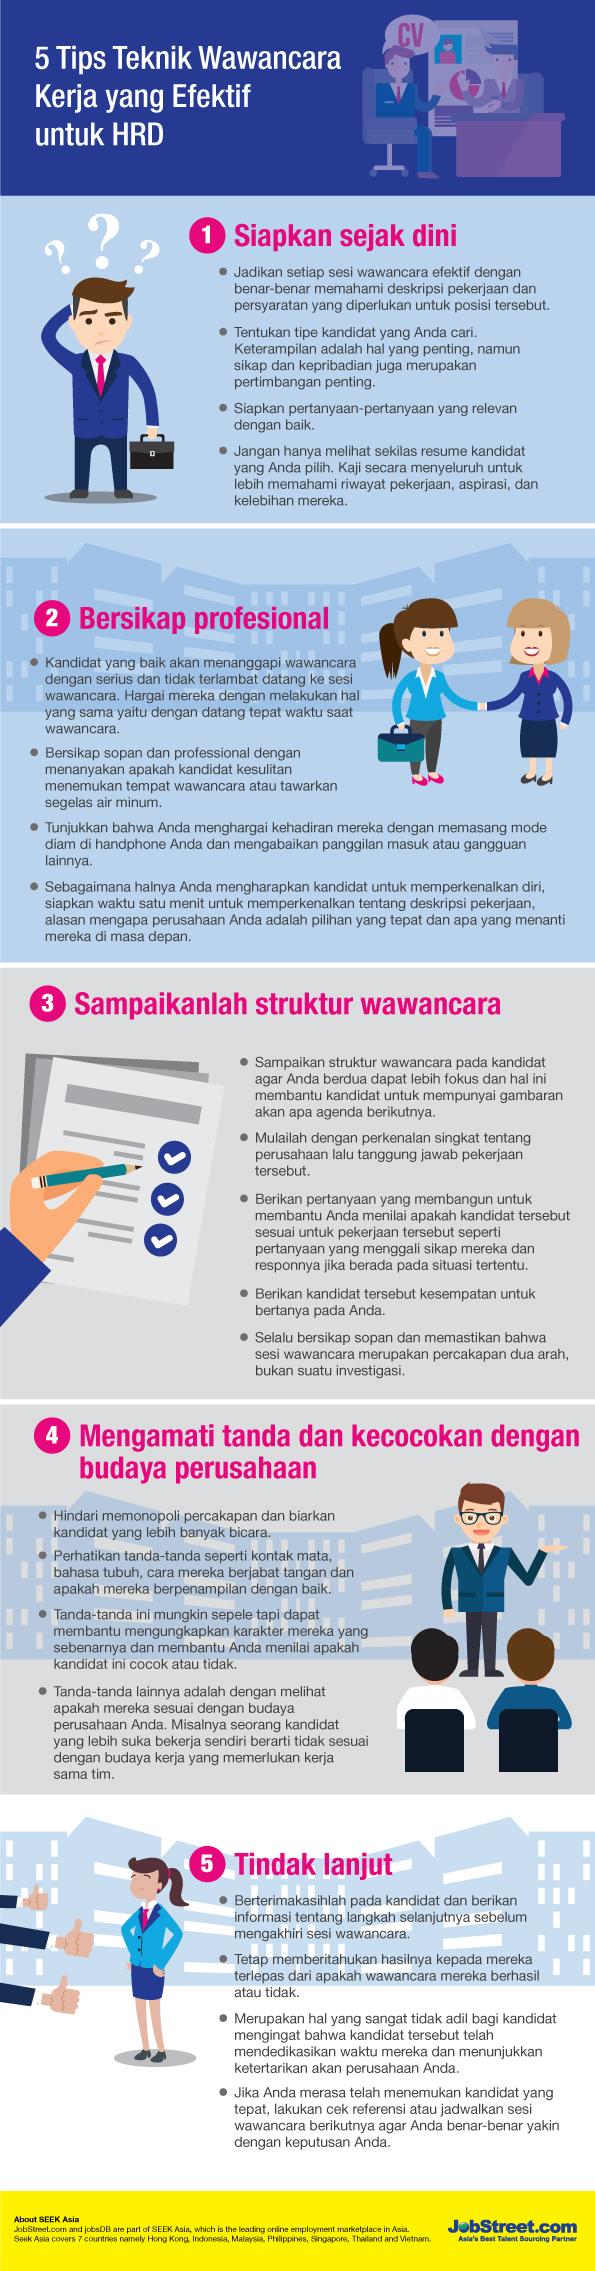 5 Tips teknik wawancara kerja yang efektif untuk HRD (Infografis ...